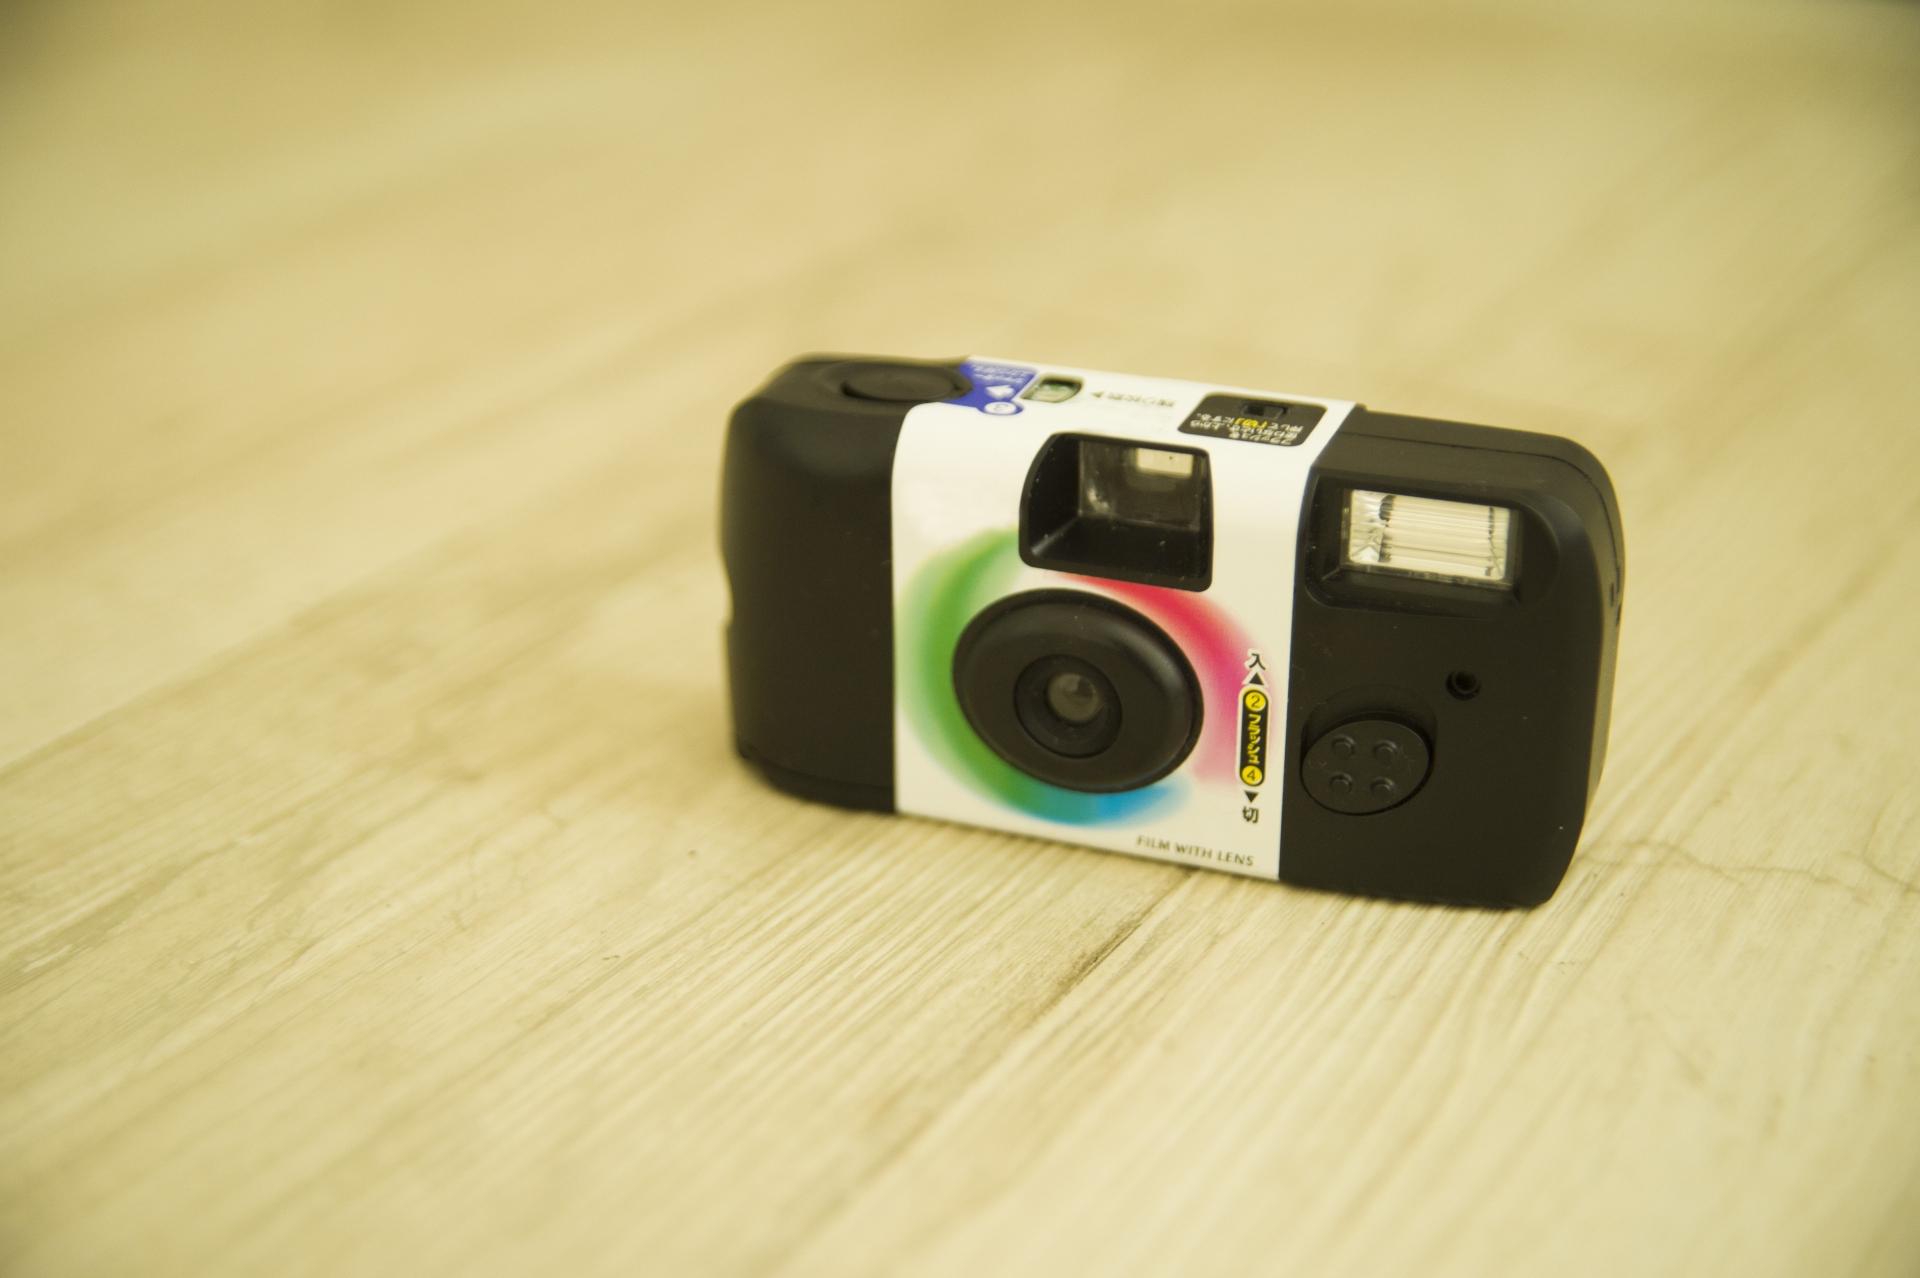 インスタントカメラのおすすめ4選!使い捨てタイプも